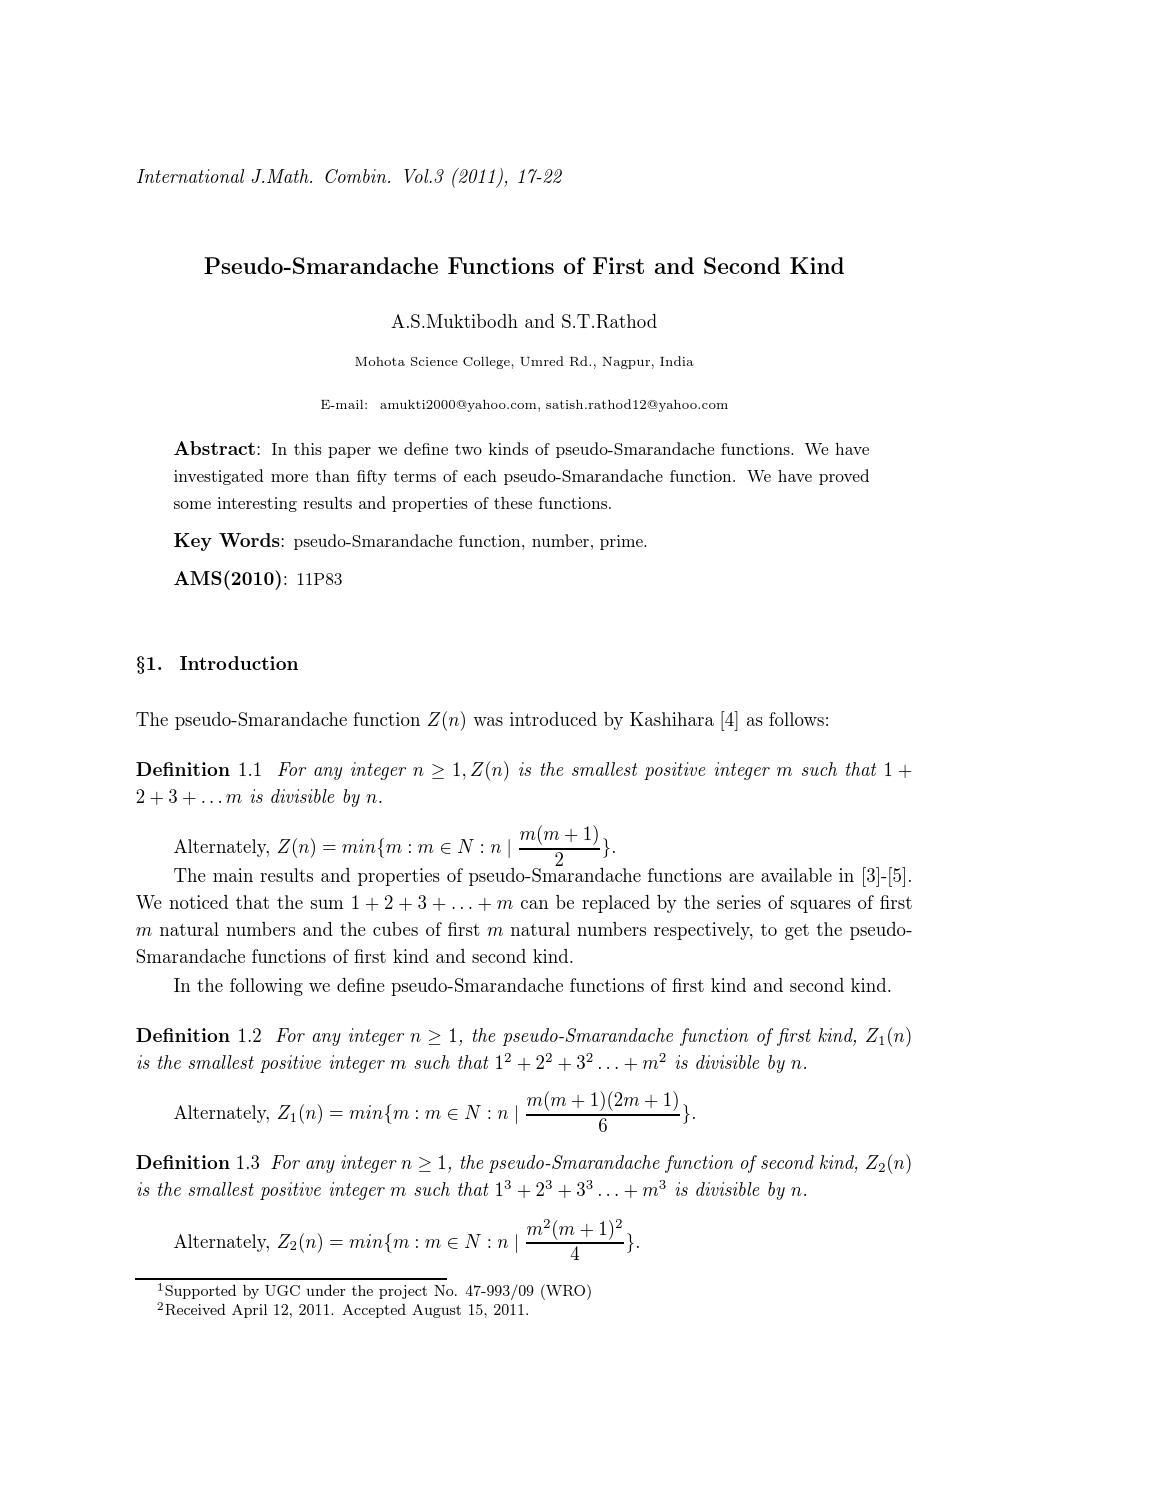 pdf uranium · plutonium transplutonic elements